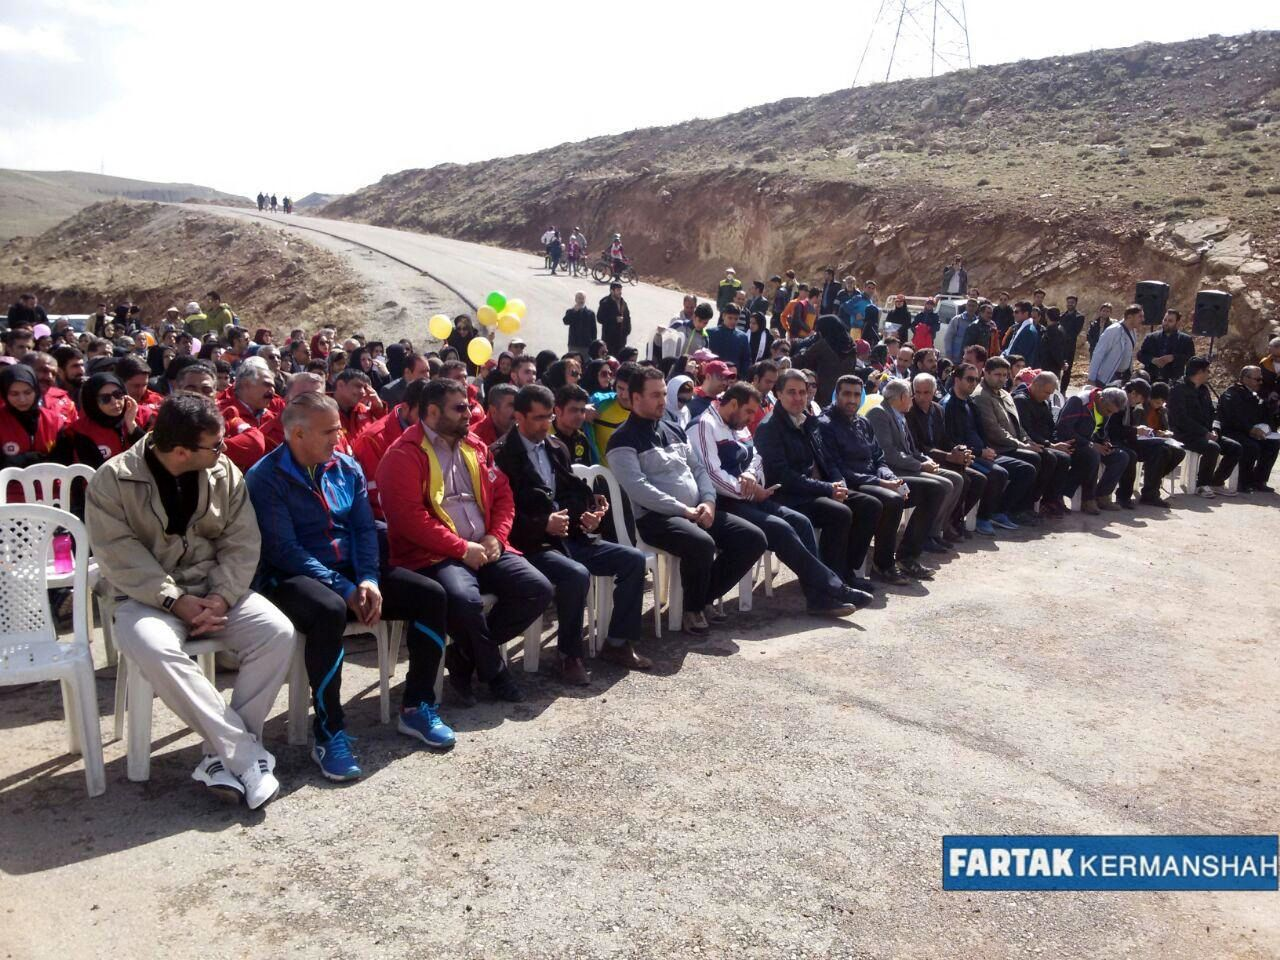 برگزاری همایش پیاده روی، دوچرخه سواری و نهال کاری در پارک جنگلی سراب قنبر به روایت تصویر